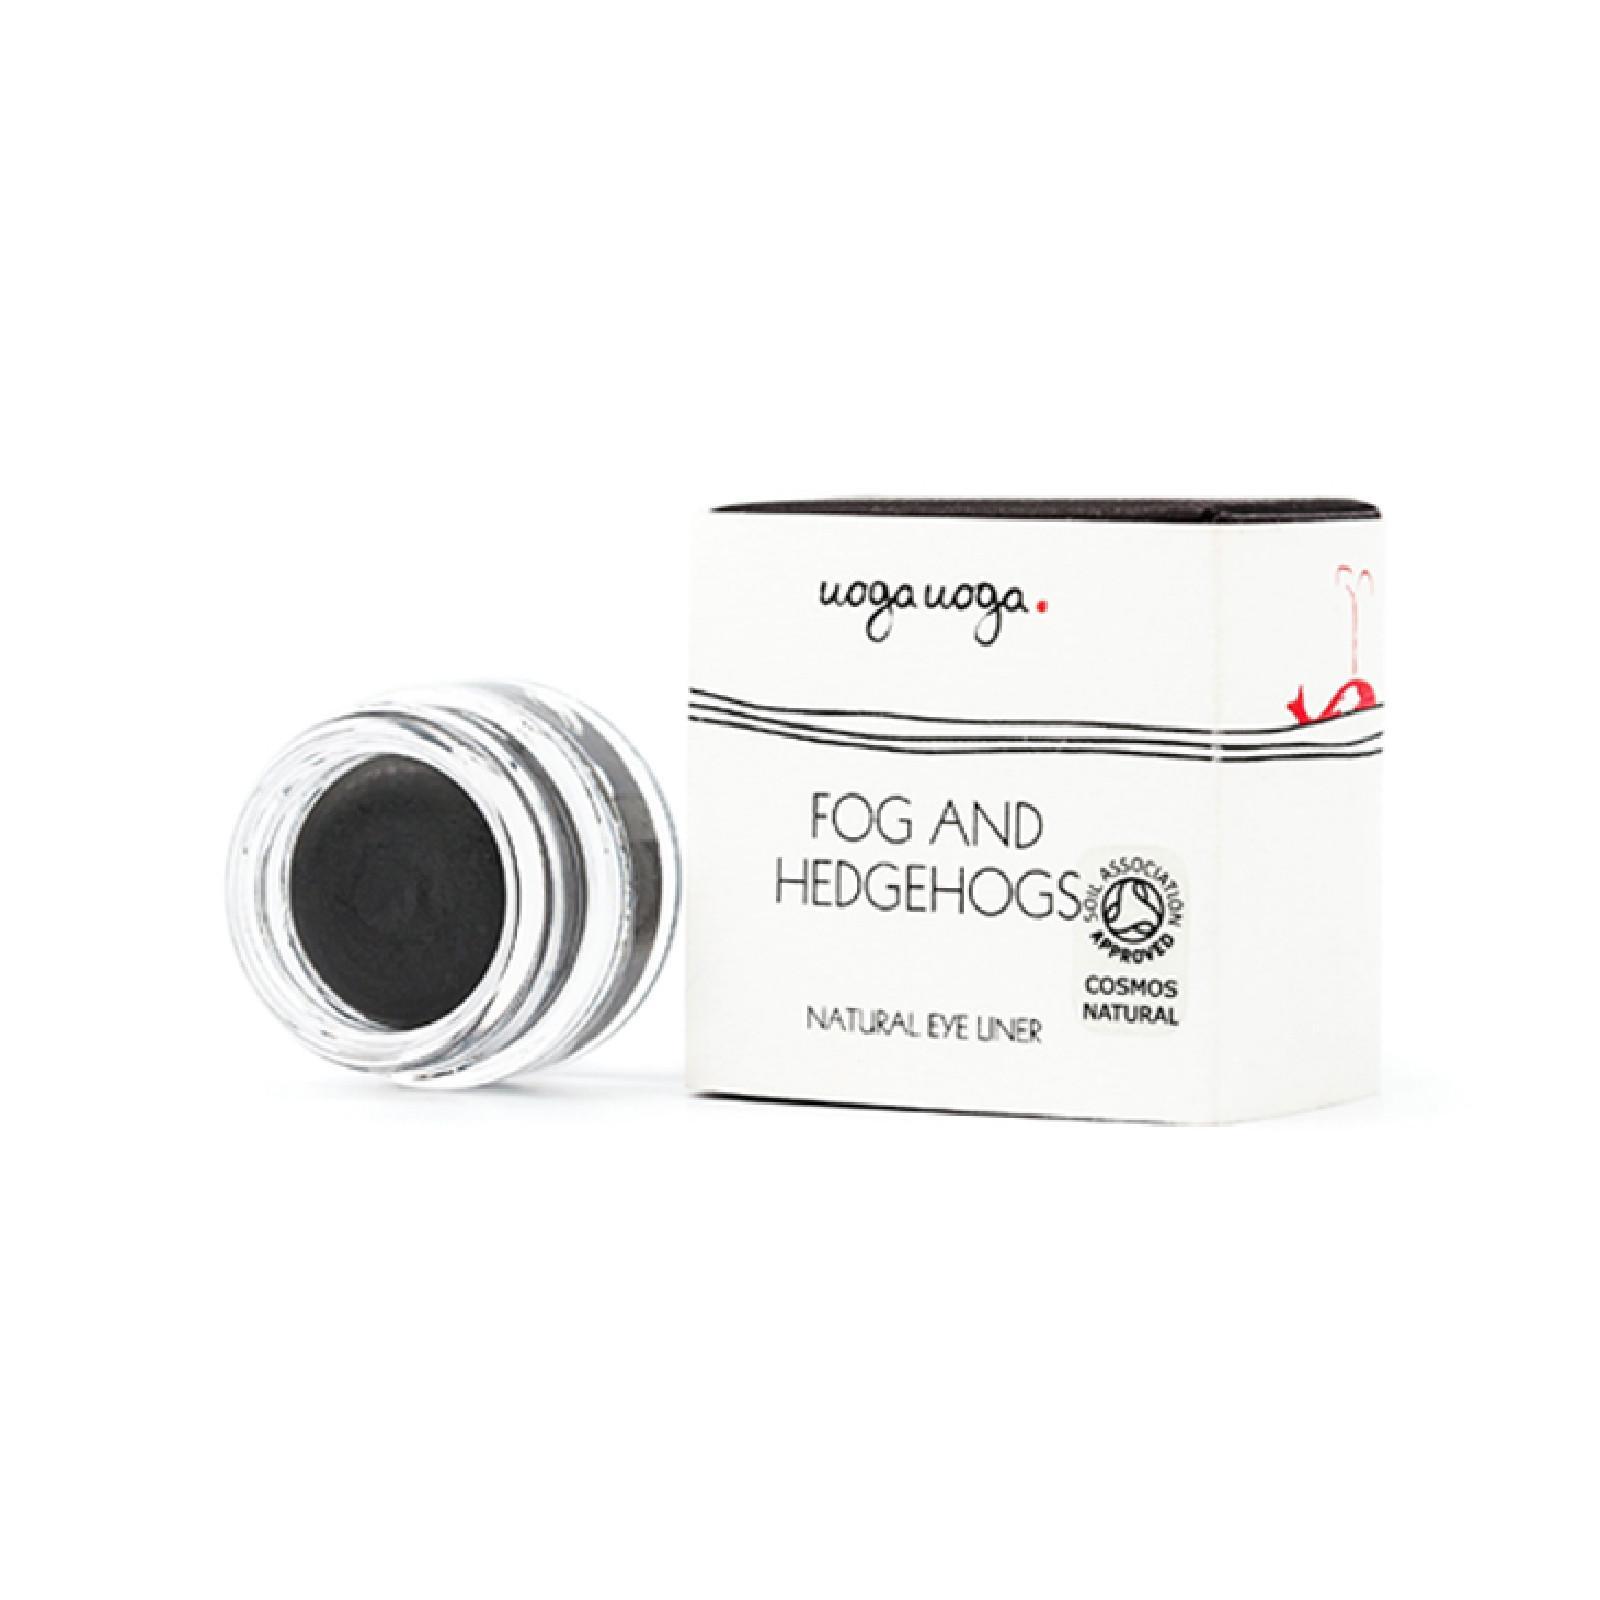 Uoga Uoga Fog and Hedgehogs, krémové oční linky 2,5 ml